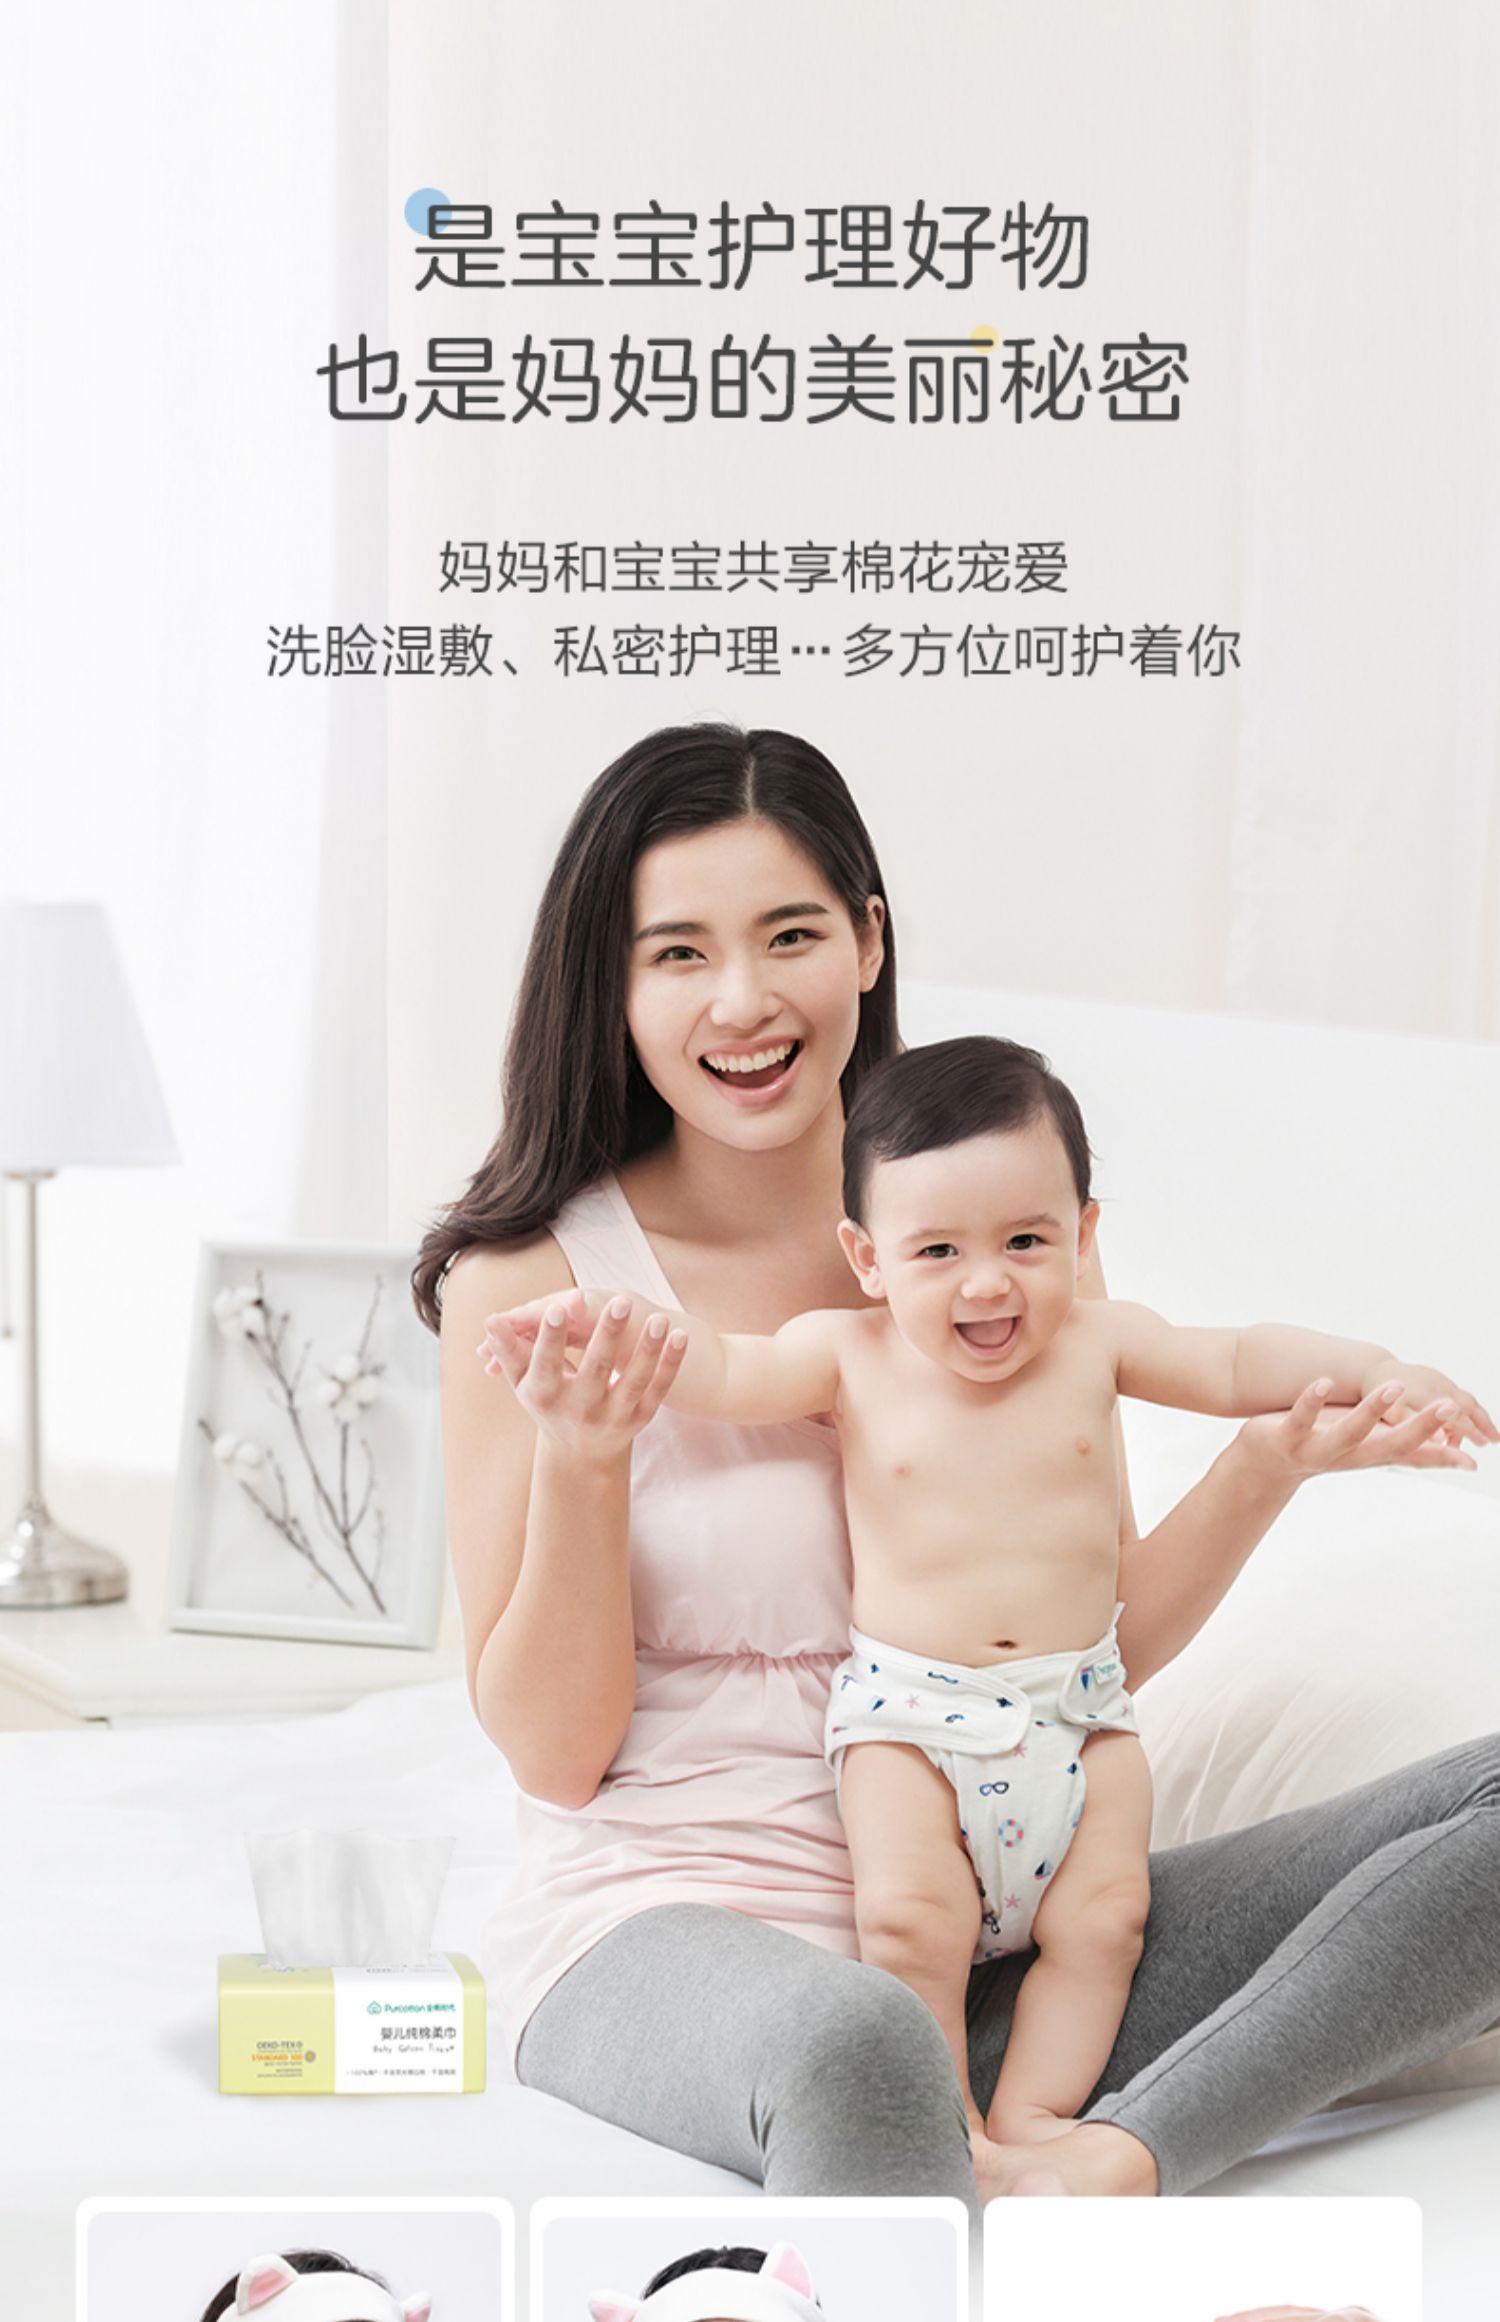 【薇娅推荐】全棉时代婴儿棉柔巾湿巾